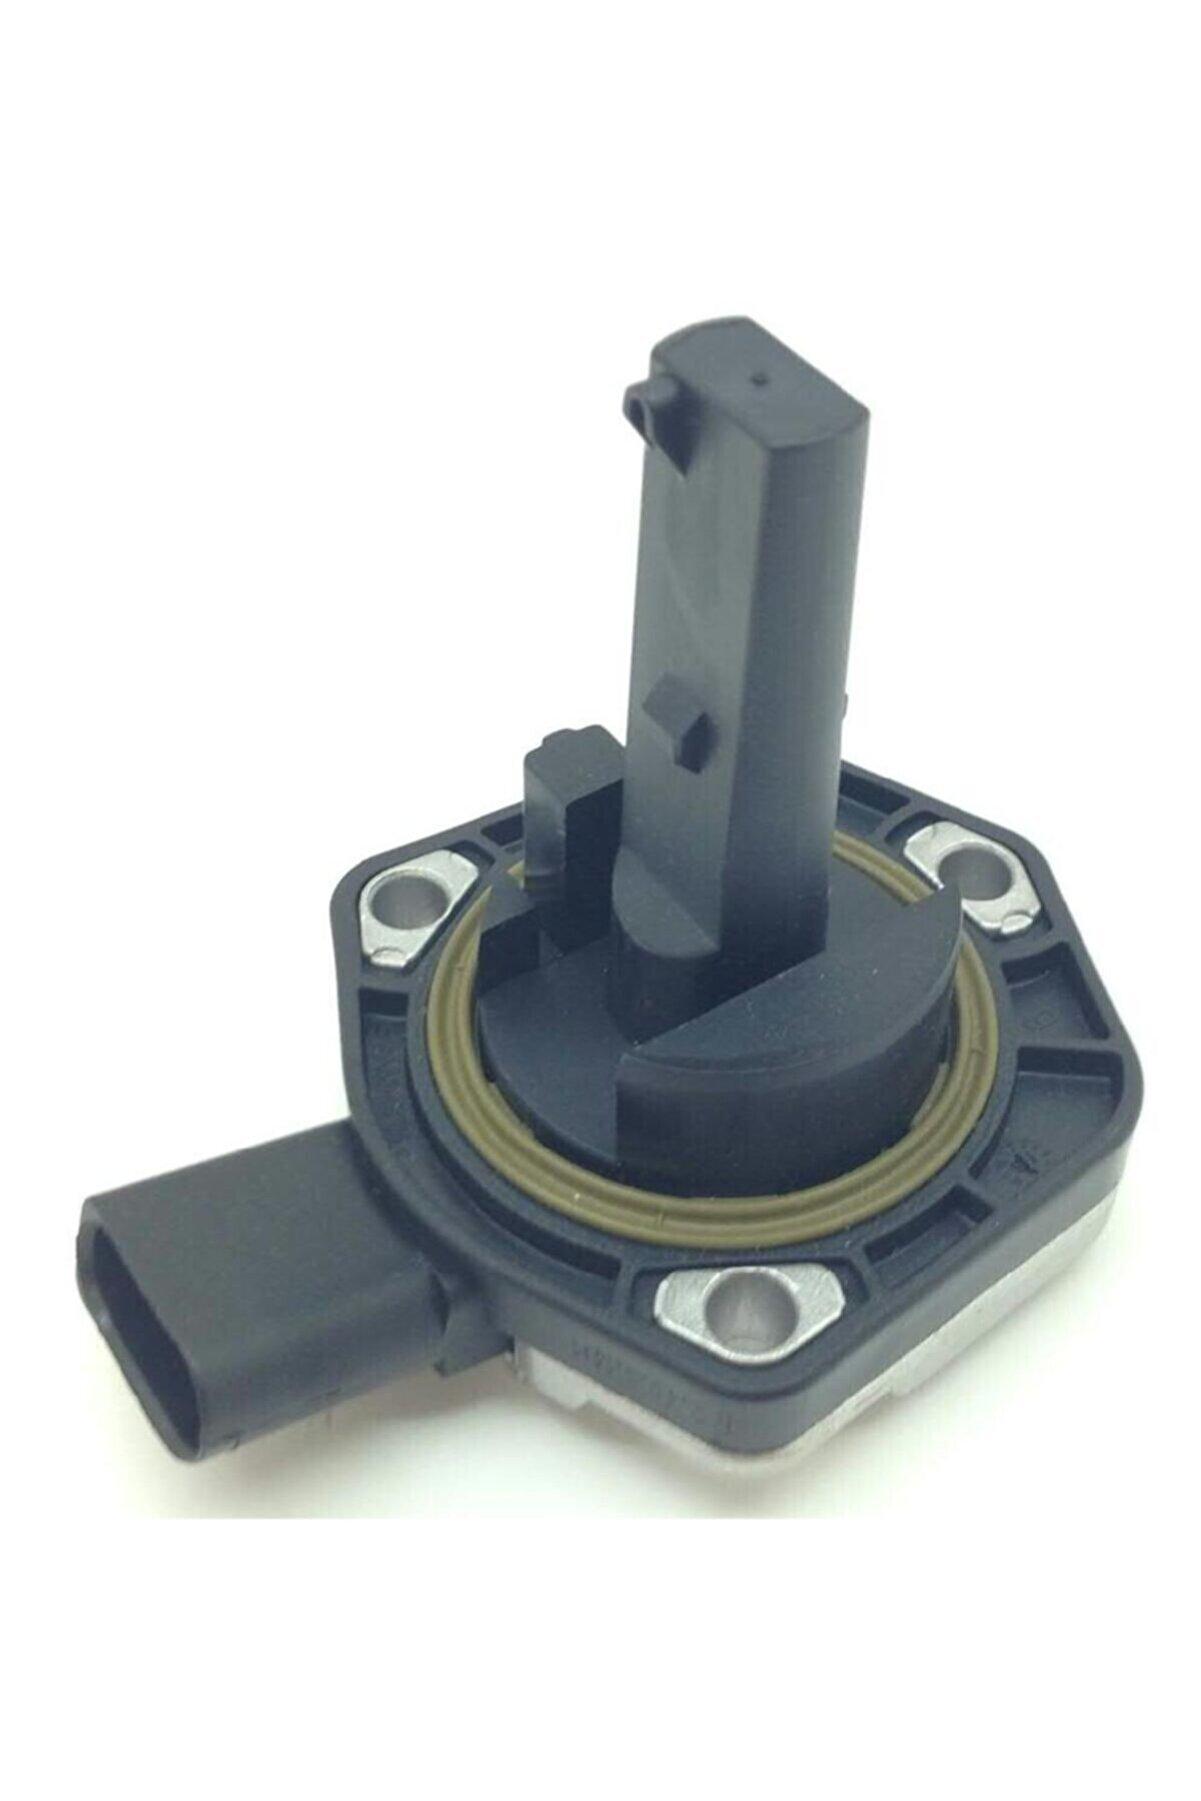 DMR Volkswagen Yağ Seviye Sensörü 1j0907660b 6pr008079041 Otodemır